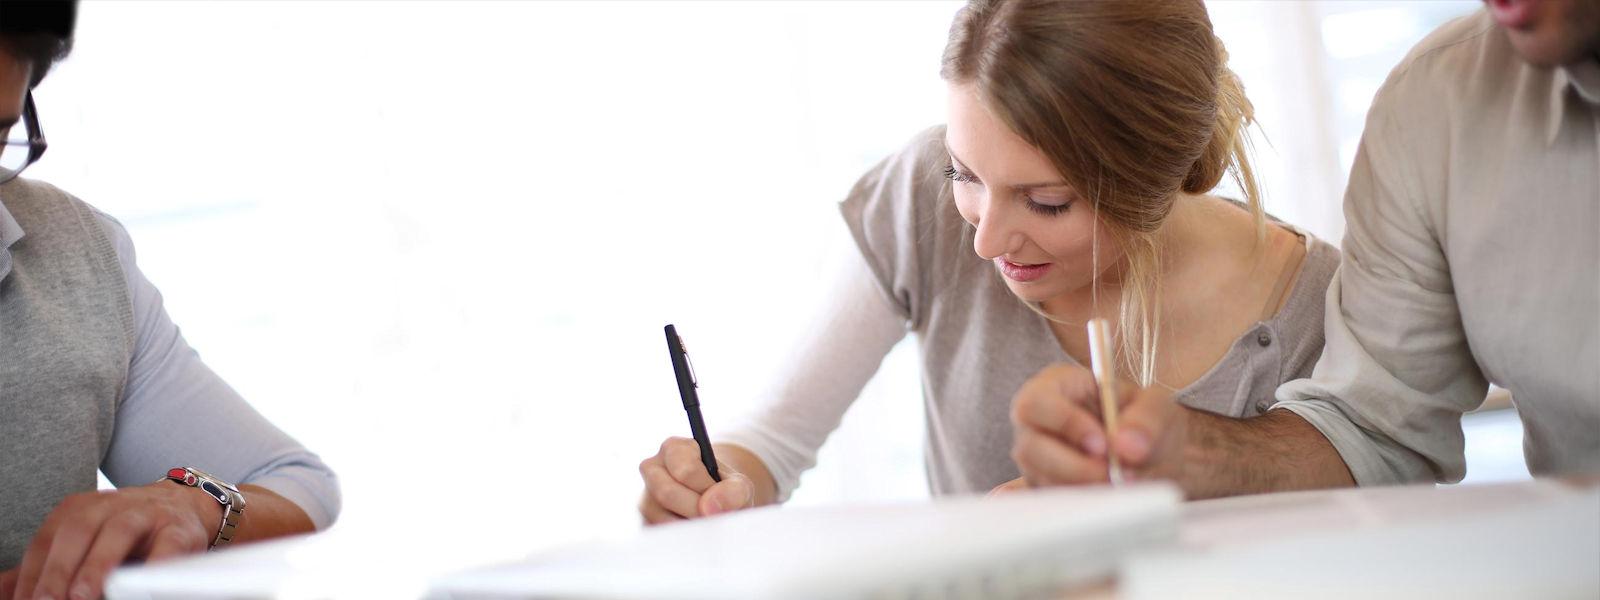 La certification des qualifications professionnelles à l'anglaise